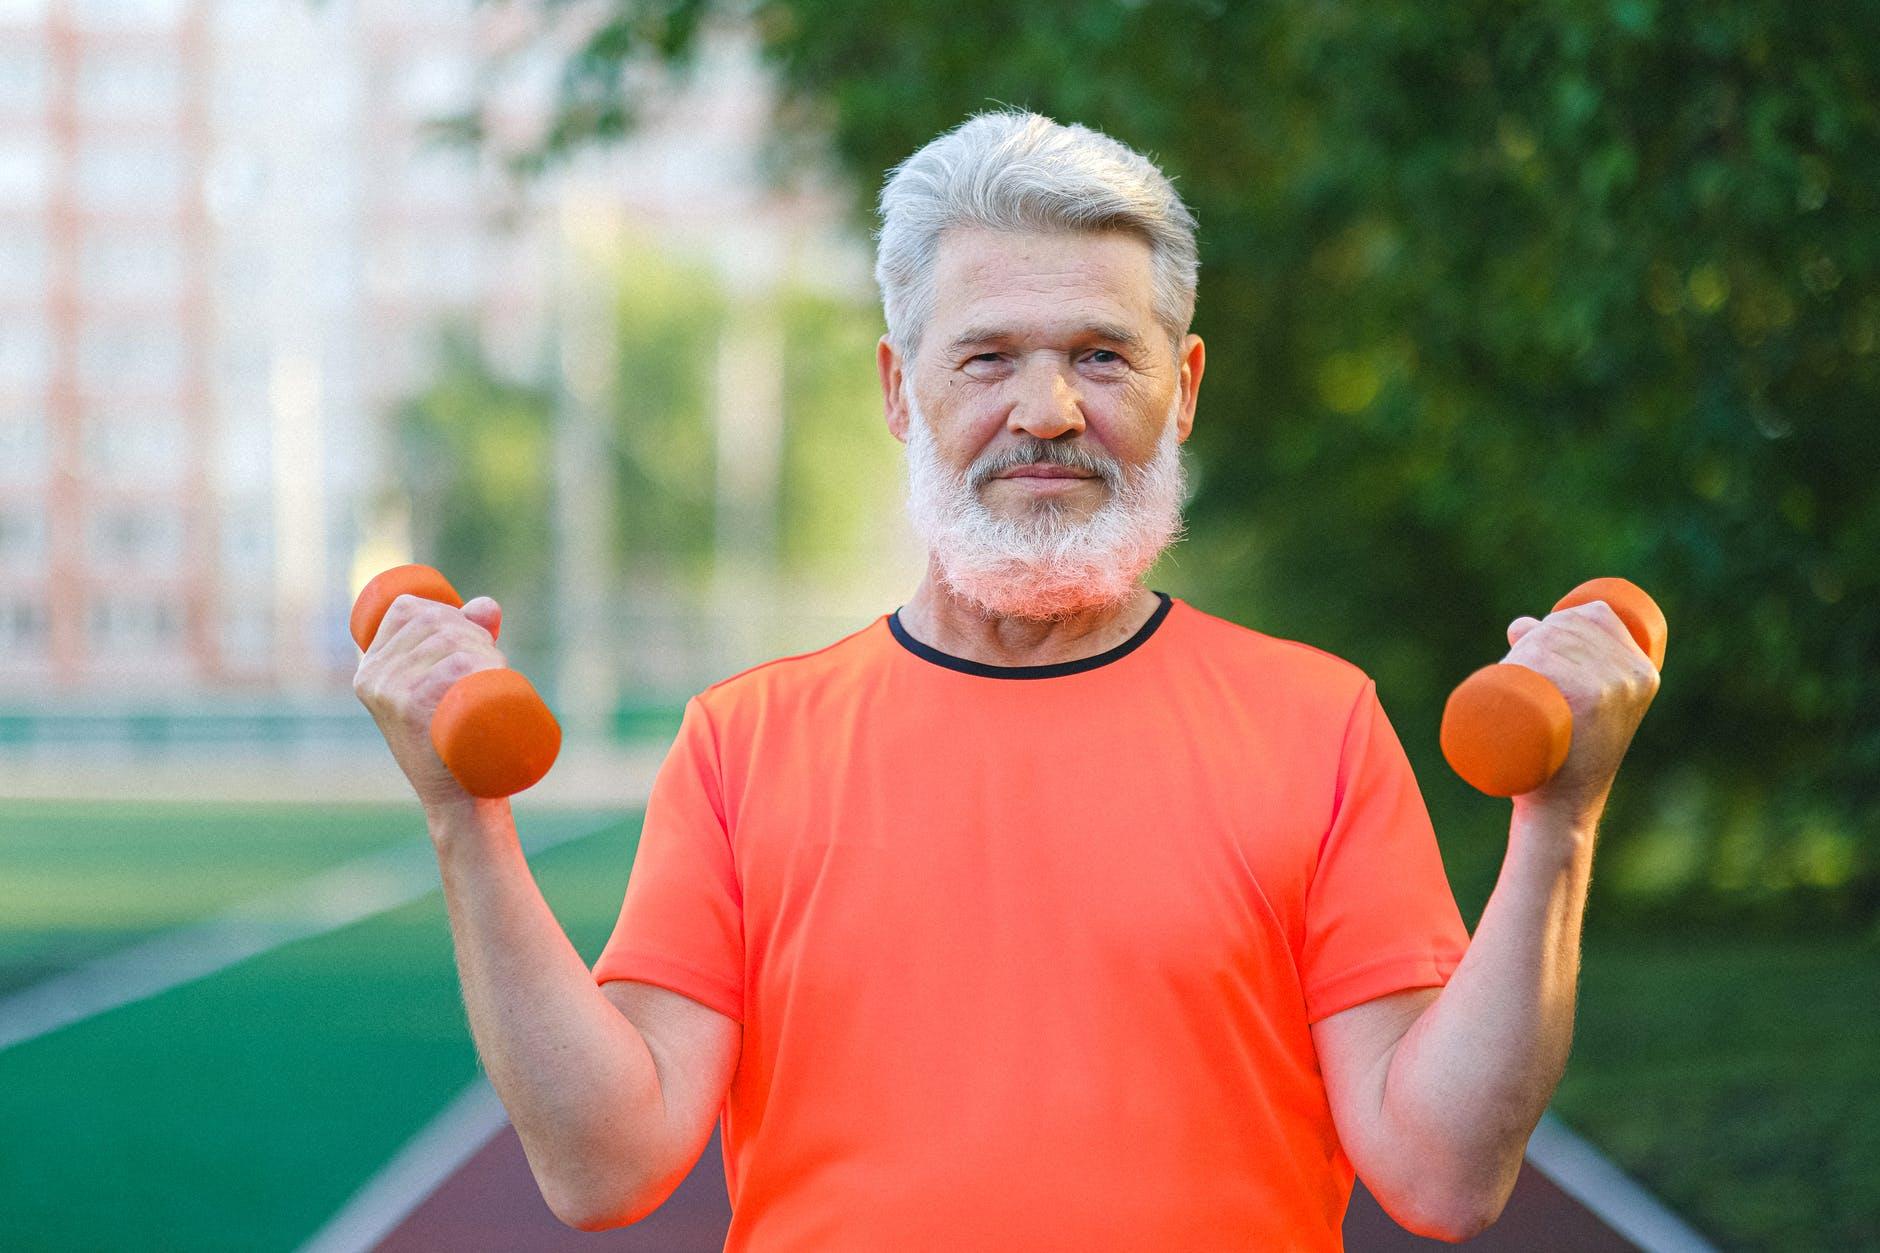 Tips Kesehatan Optimal - Angkat Sesuatu dan Bergeraklah